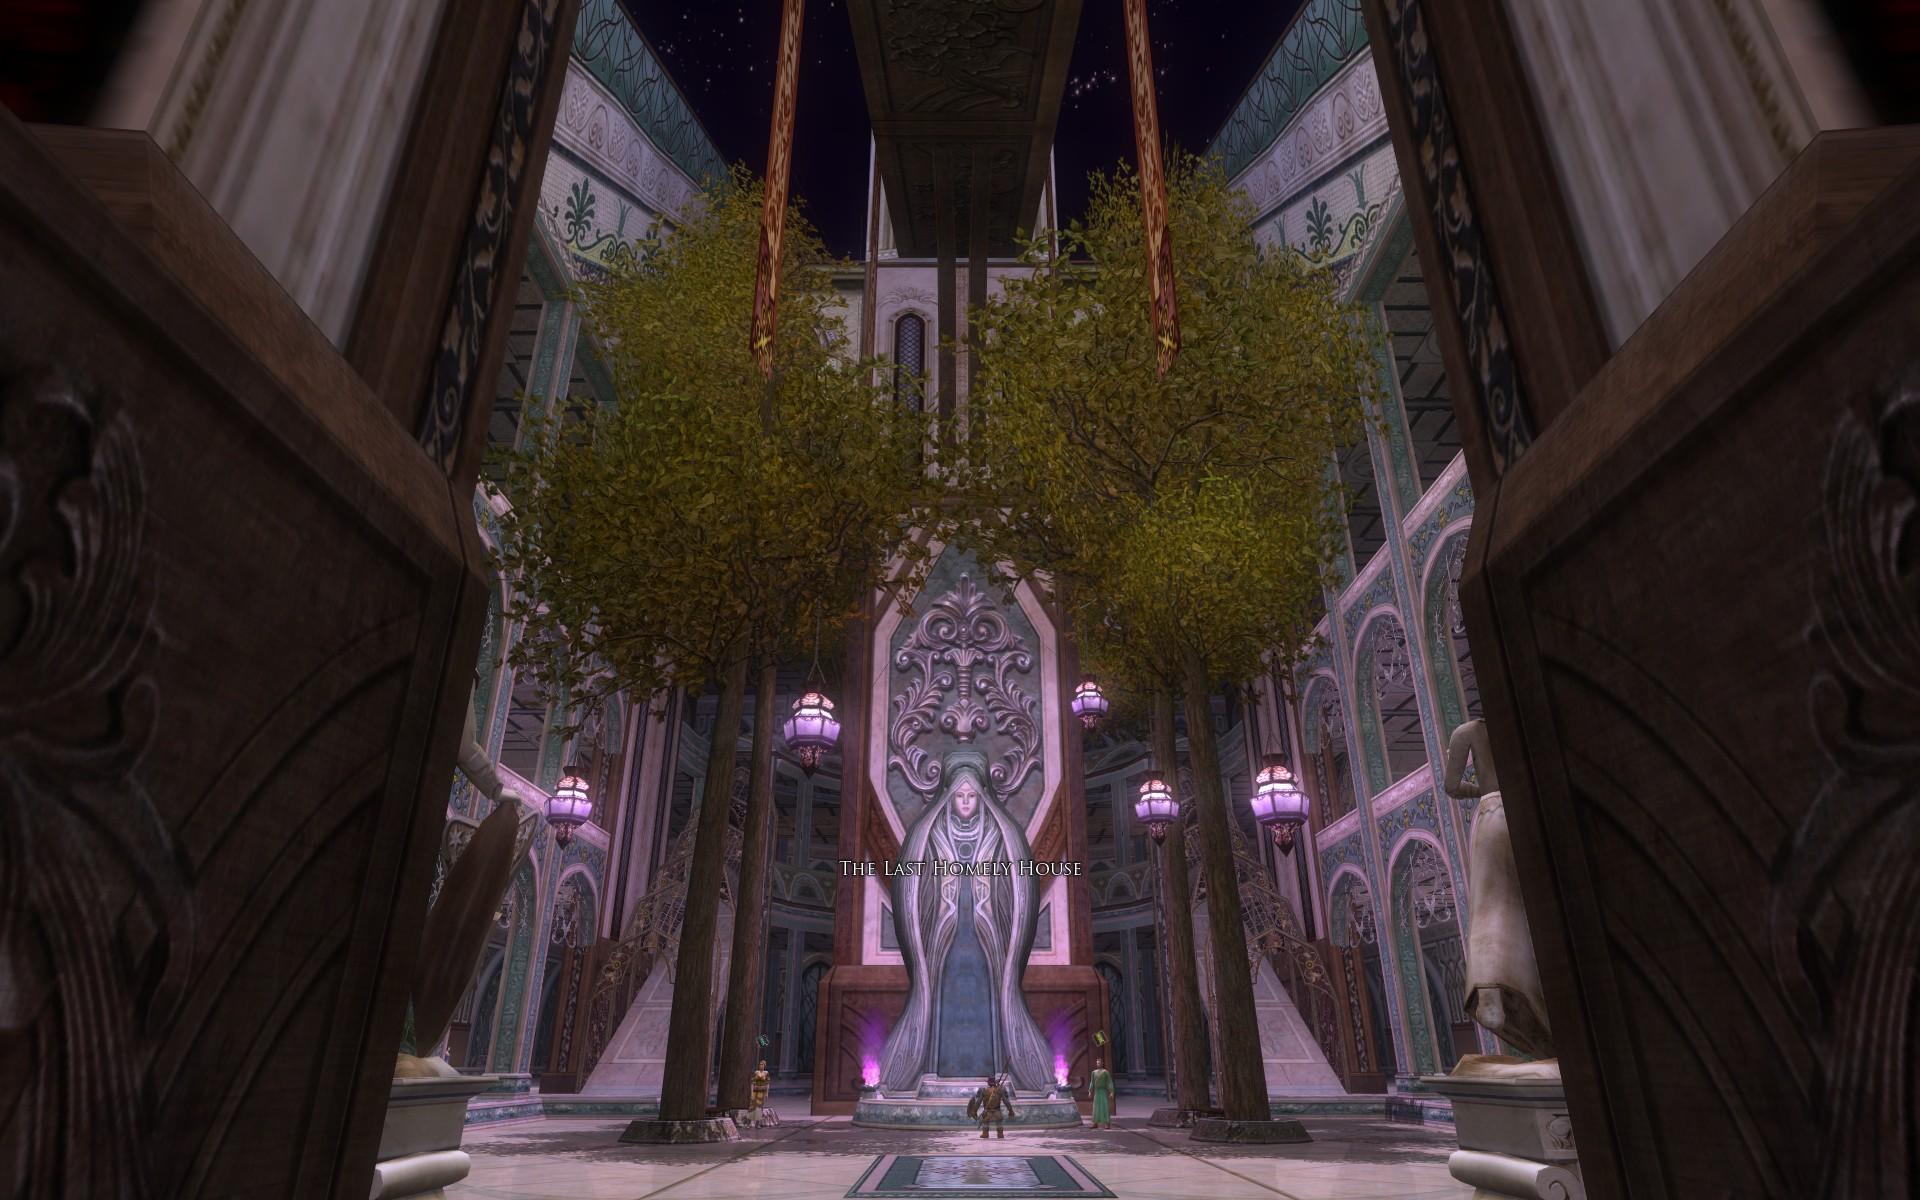 『ロード・オブ・ザ・リングス オンライン』における「最後の憩」館